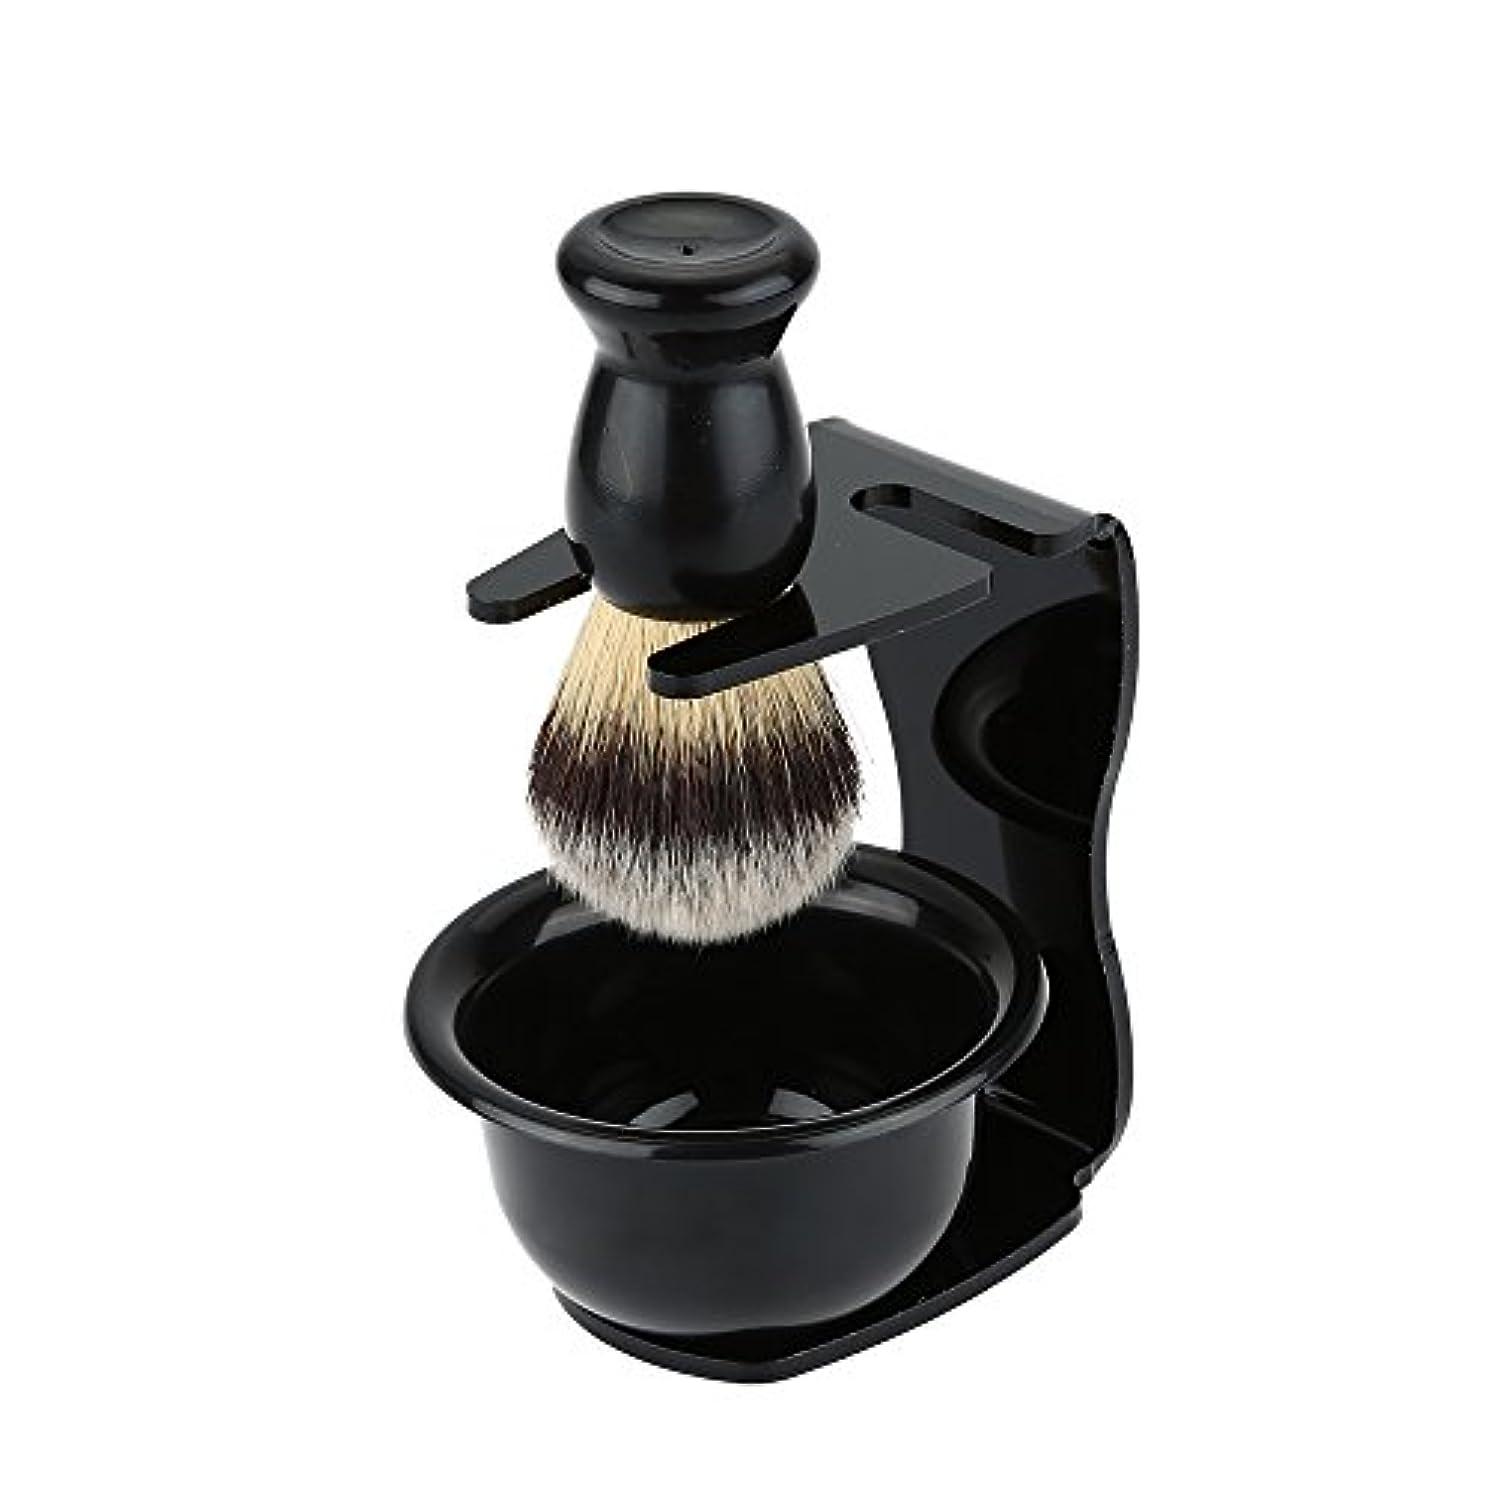 であること無駄な増幅Rakuby 3点セット シェービングブラシキット シェービングブラシ+スタンド+ ソープボウル 洗顔ブラシ 泡立ち 髭剃り 男性用 ダンナ 父親 父の日 プレゼント ブラシアクセサリー